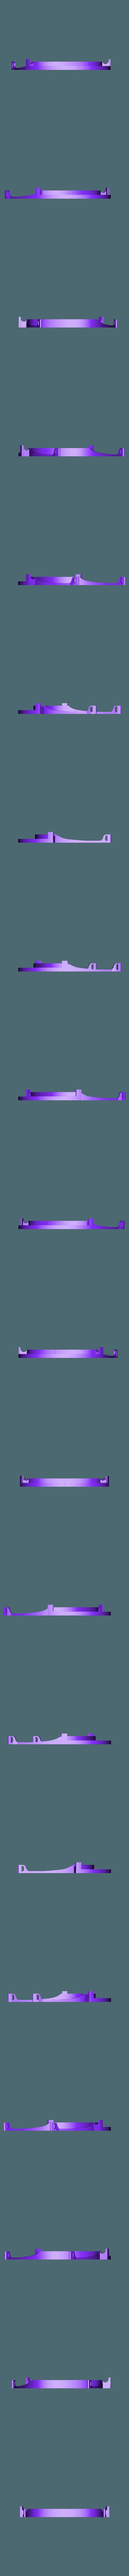 visiere-v8.stl Télécharger fichier GCODE gratuit Visiere protection faciale COVID19 - facial protection • Design imprimable en 3D, nielerwan